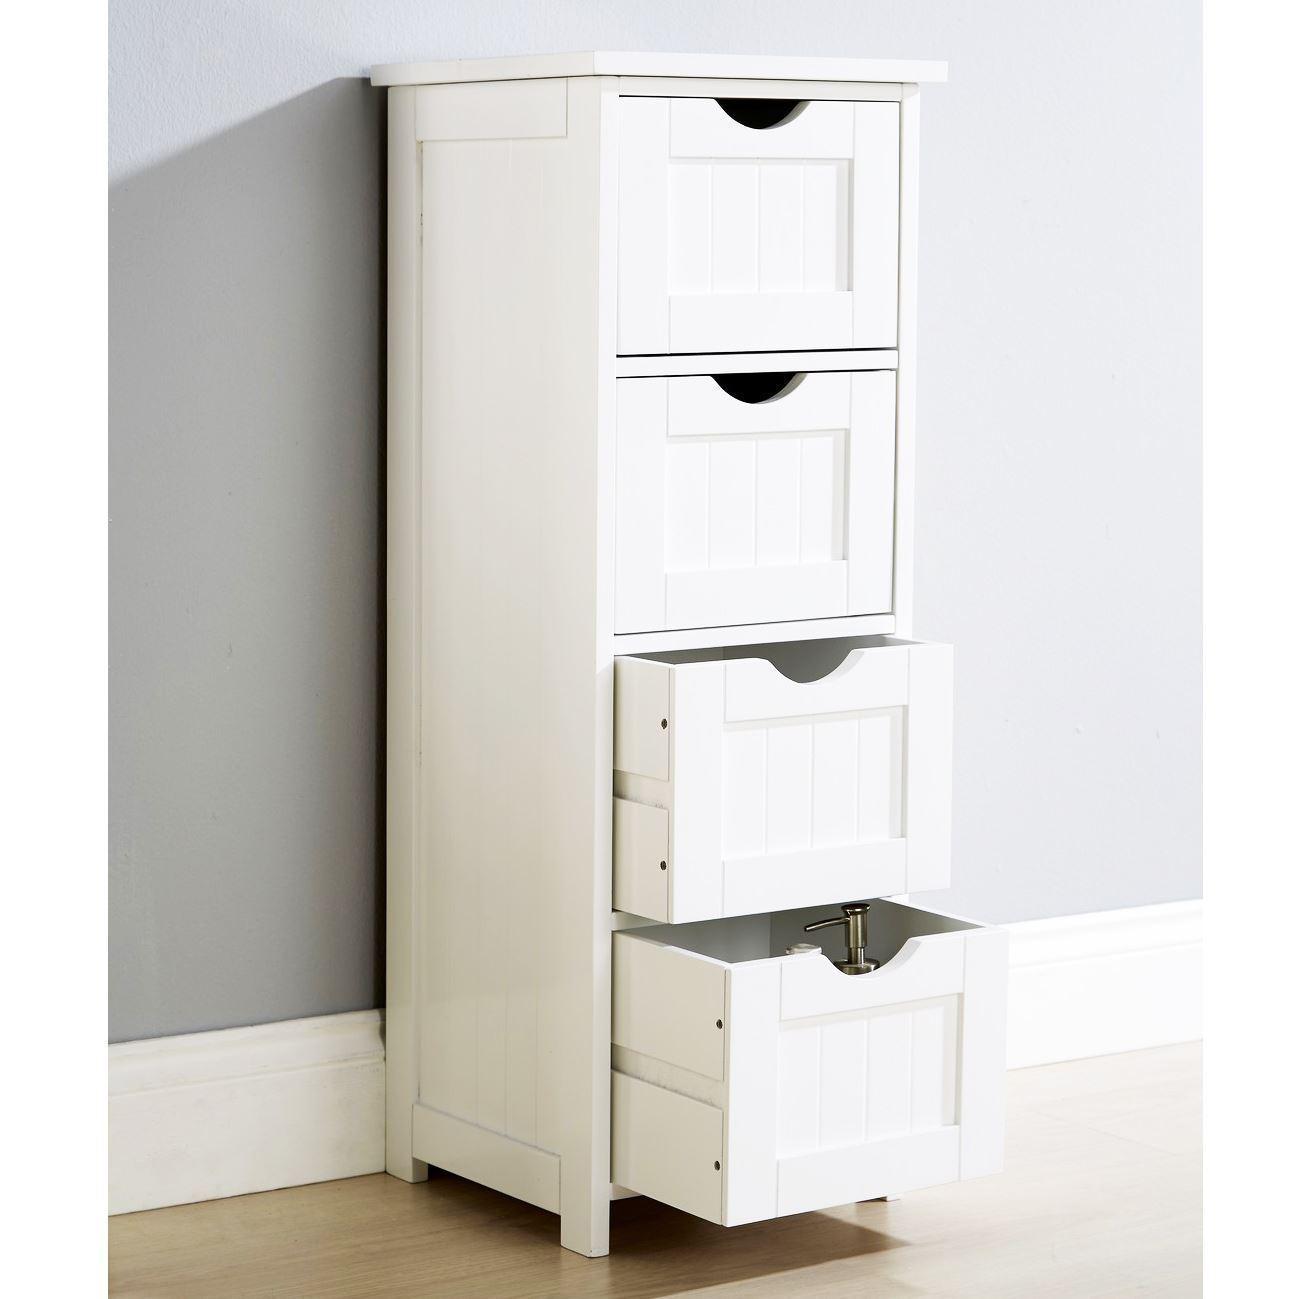 MODERN SHAKER BALTIMORE WHITE 4 DRAWER STORAGE BATHROOM CABINET CUPBOARD WOODEN 3364268488299